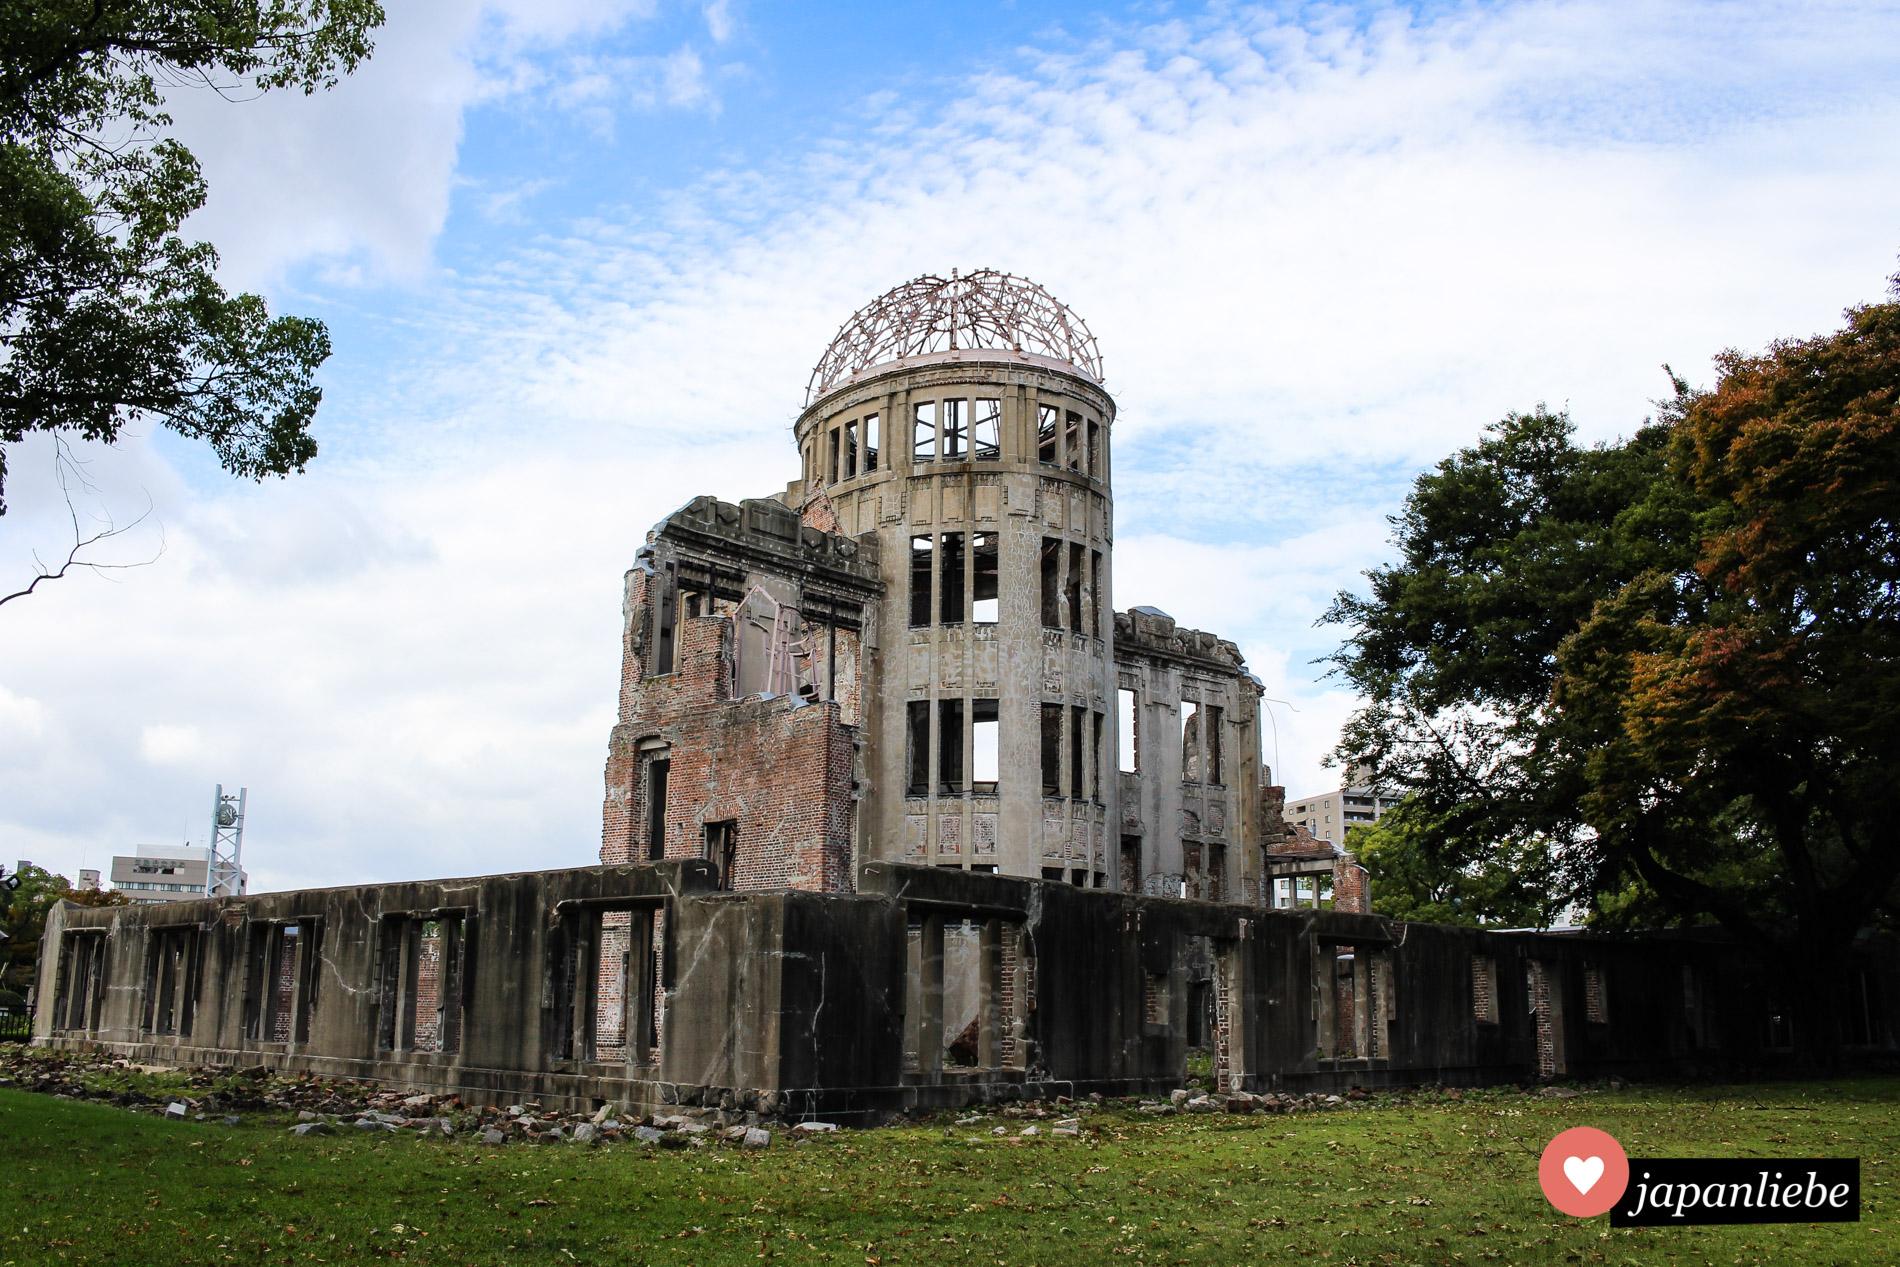 Trauriges Mahnmal: der Genbaku Dome, das einzige Gebäude, das im Hypozentrum der Atombombenexplosion in Hiroshima stehen blieb.